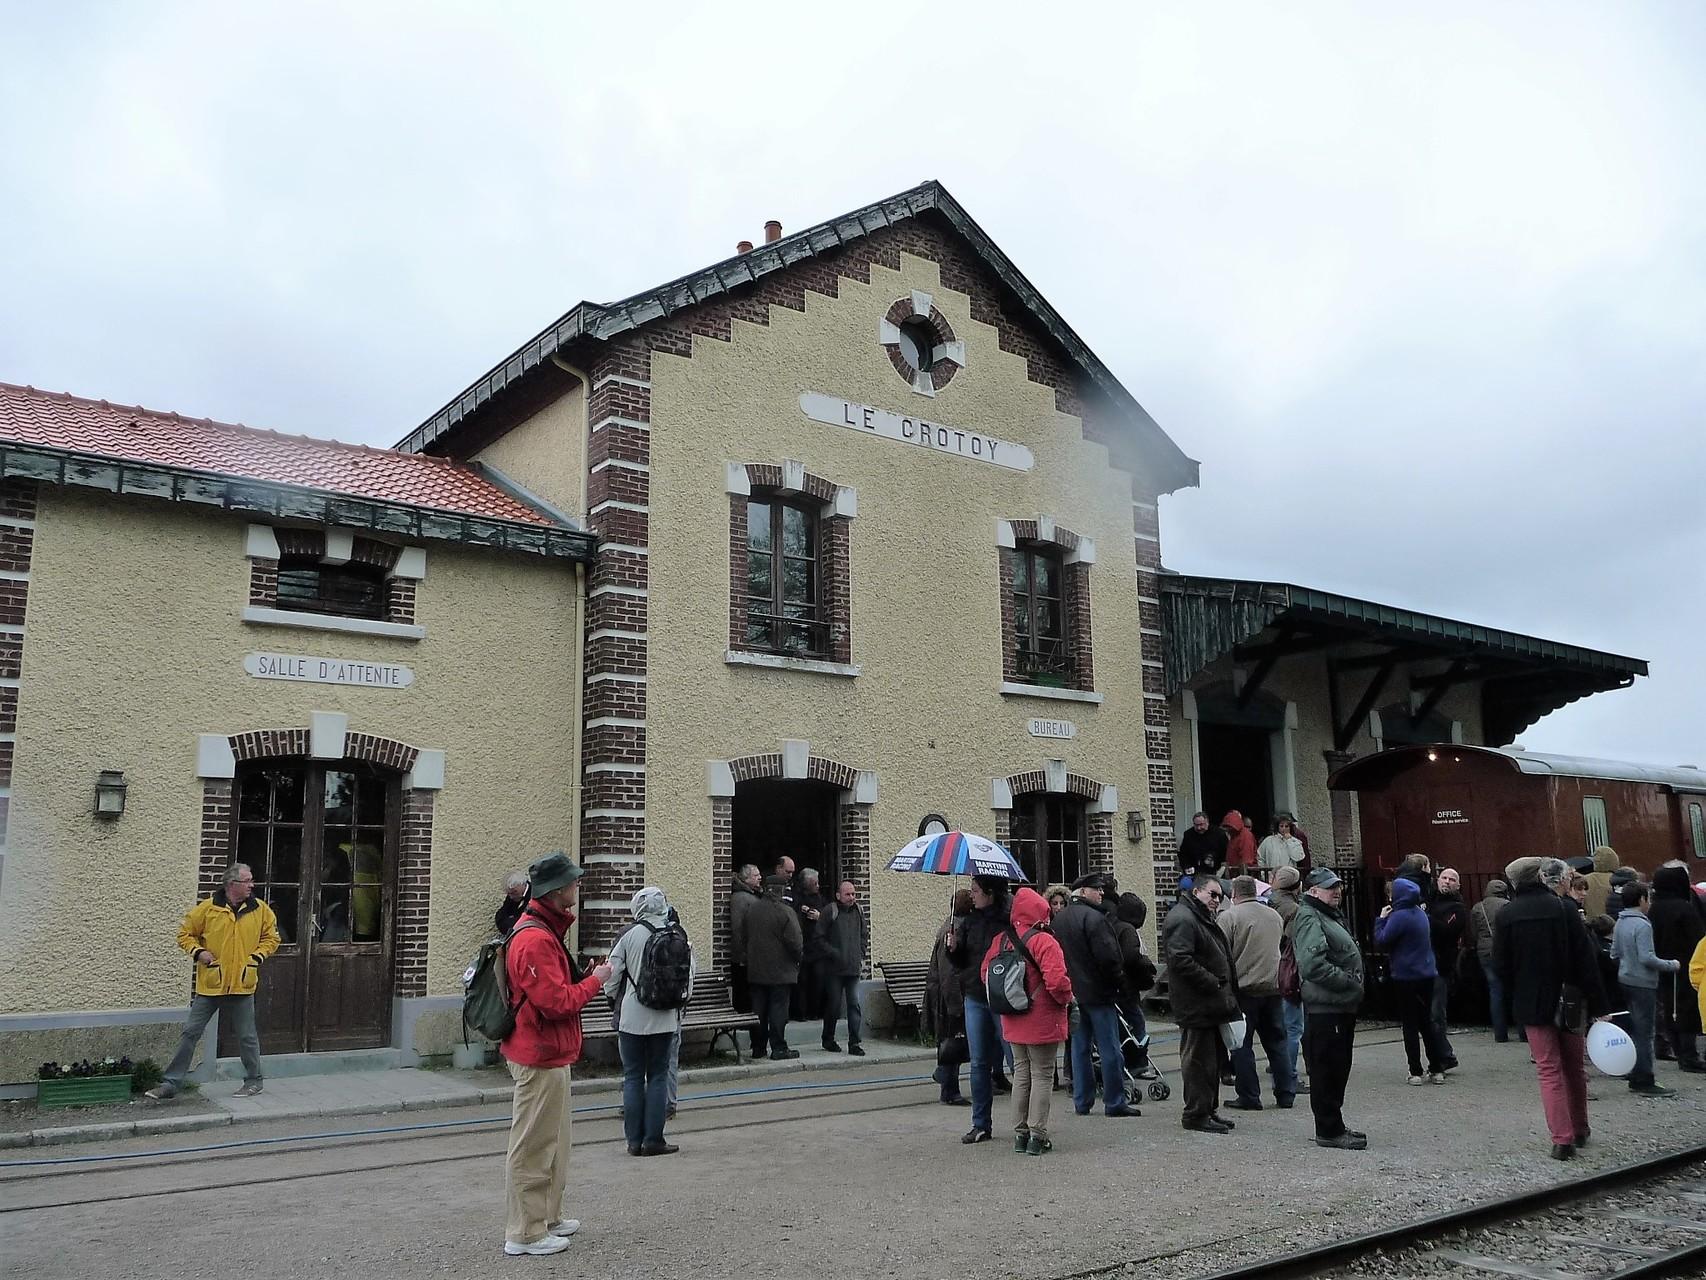 La gare du Crotoy